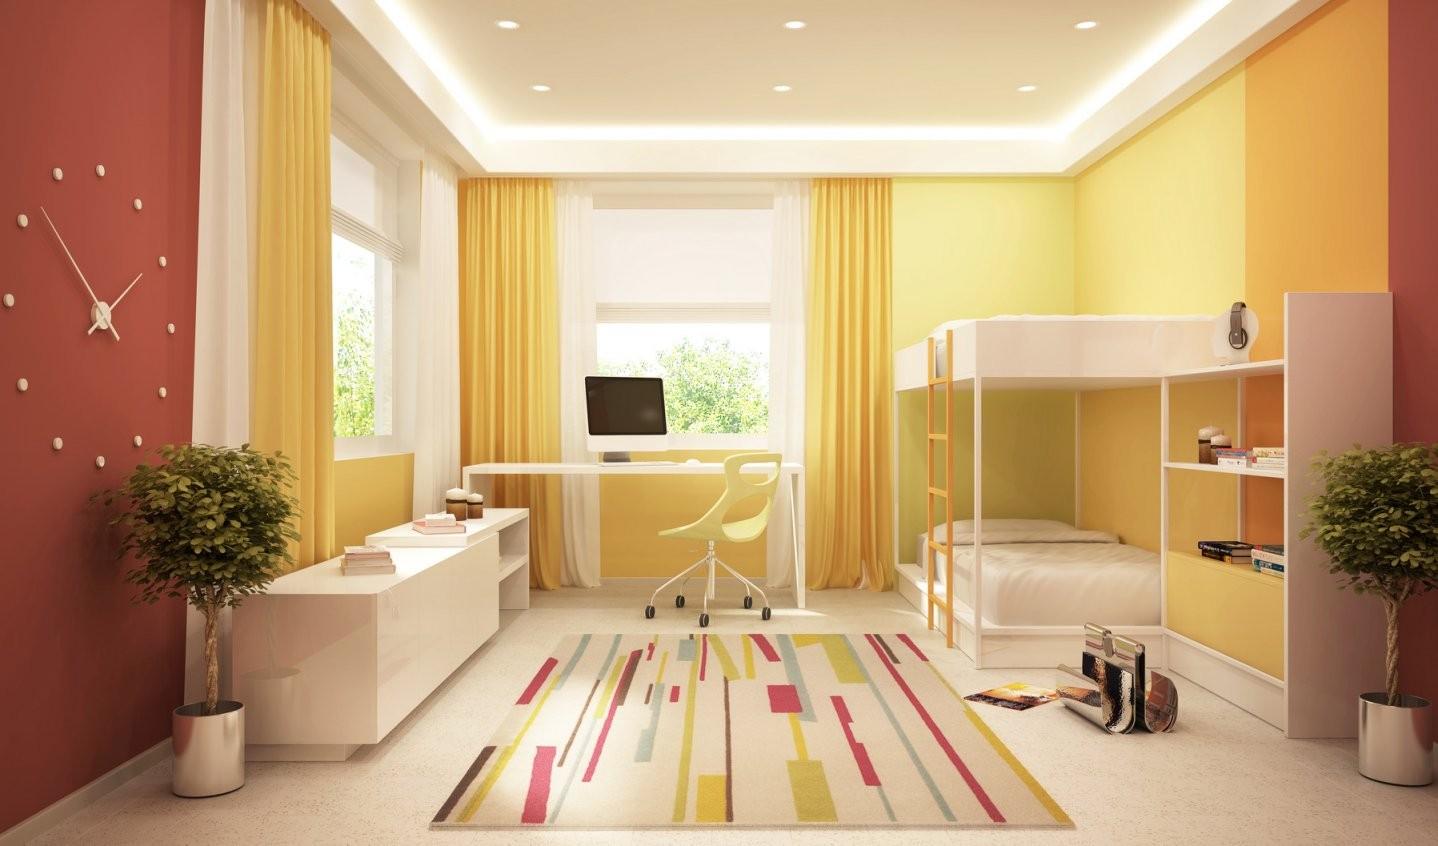 Gardinen 6 Ideen Für Das Wohnzimmer von Gardinen Trends Fürs Wohnzimmer Bild